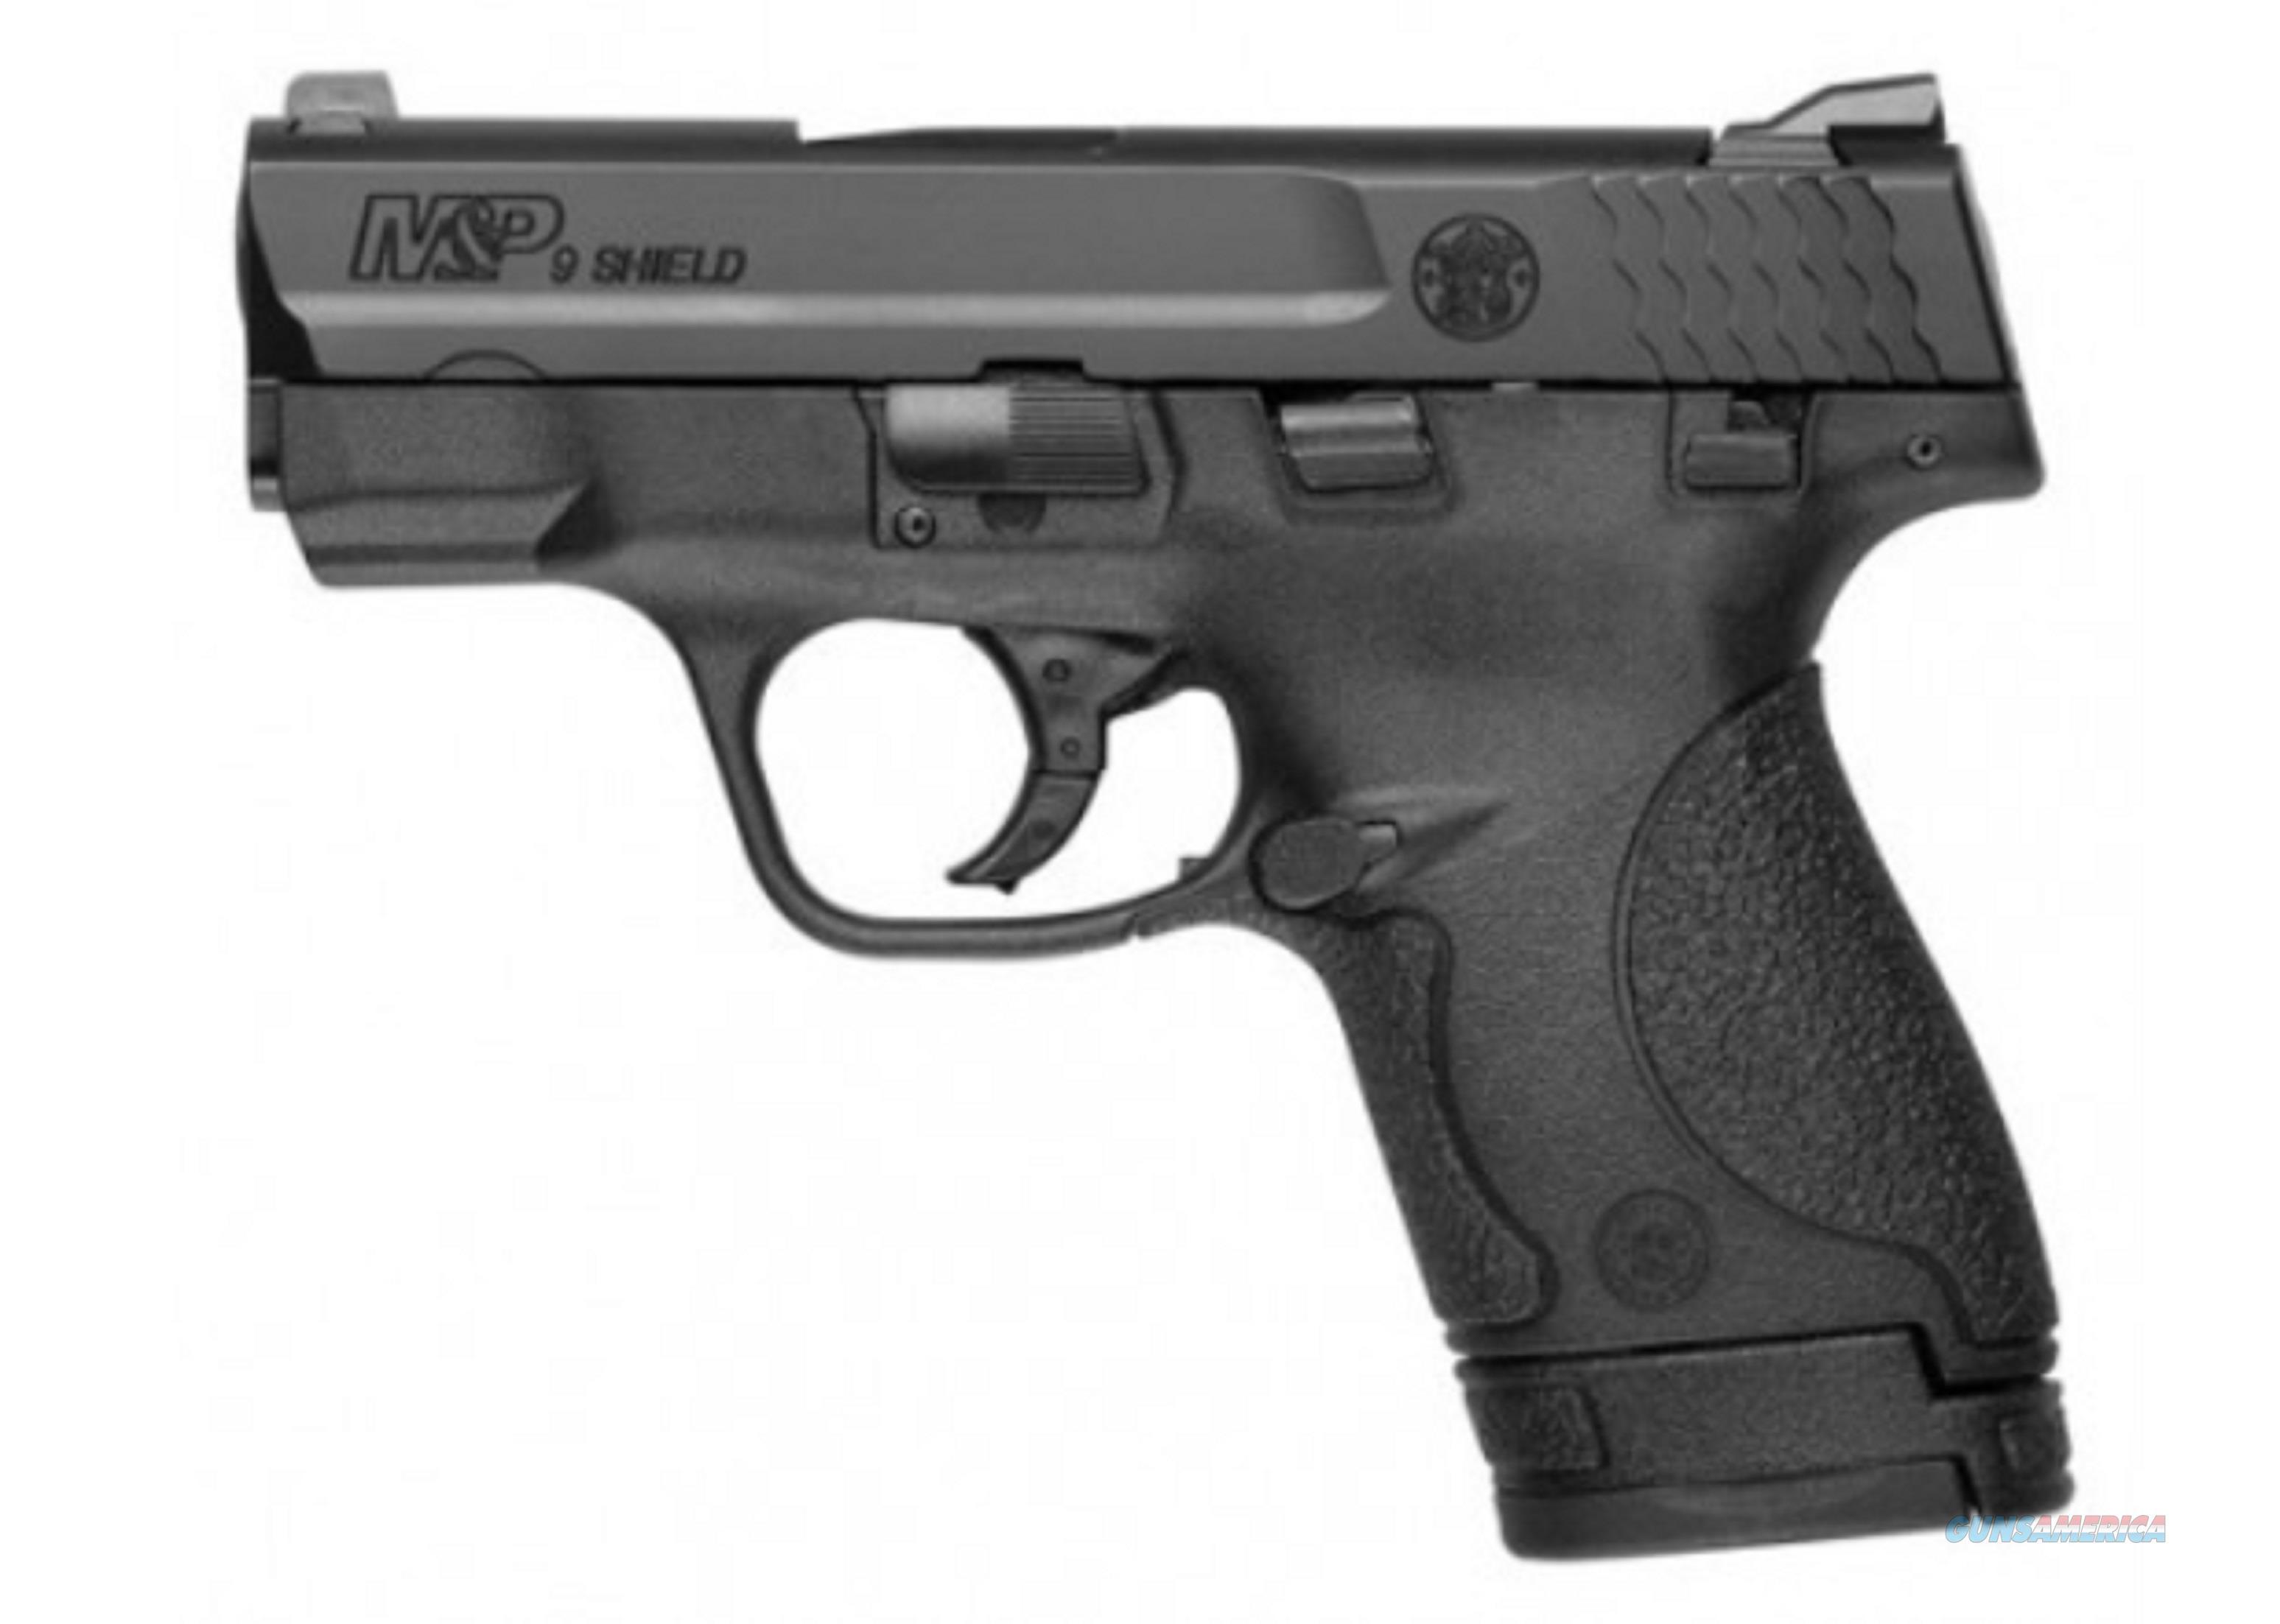 S&W SHIELD MP9 - NEW IN BOX  Guns > Pistols > Smith & Wesson Pistols - Autos > Shield